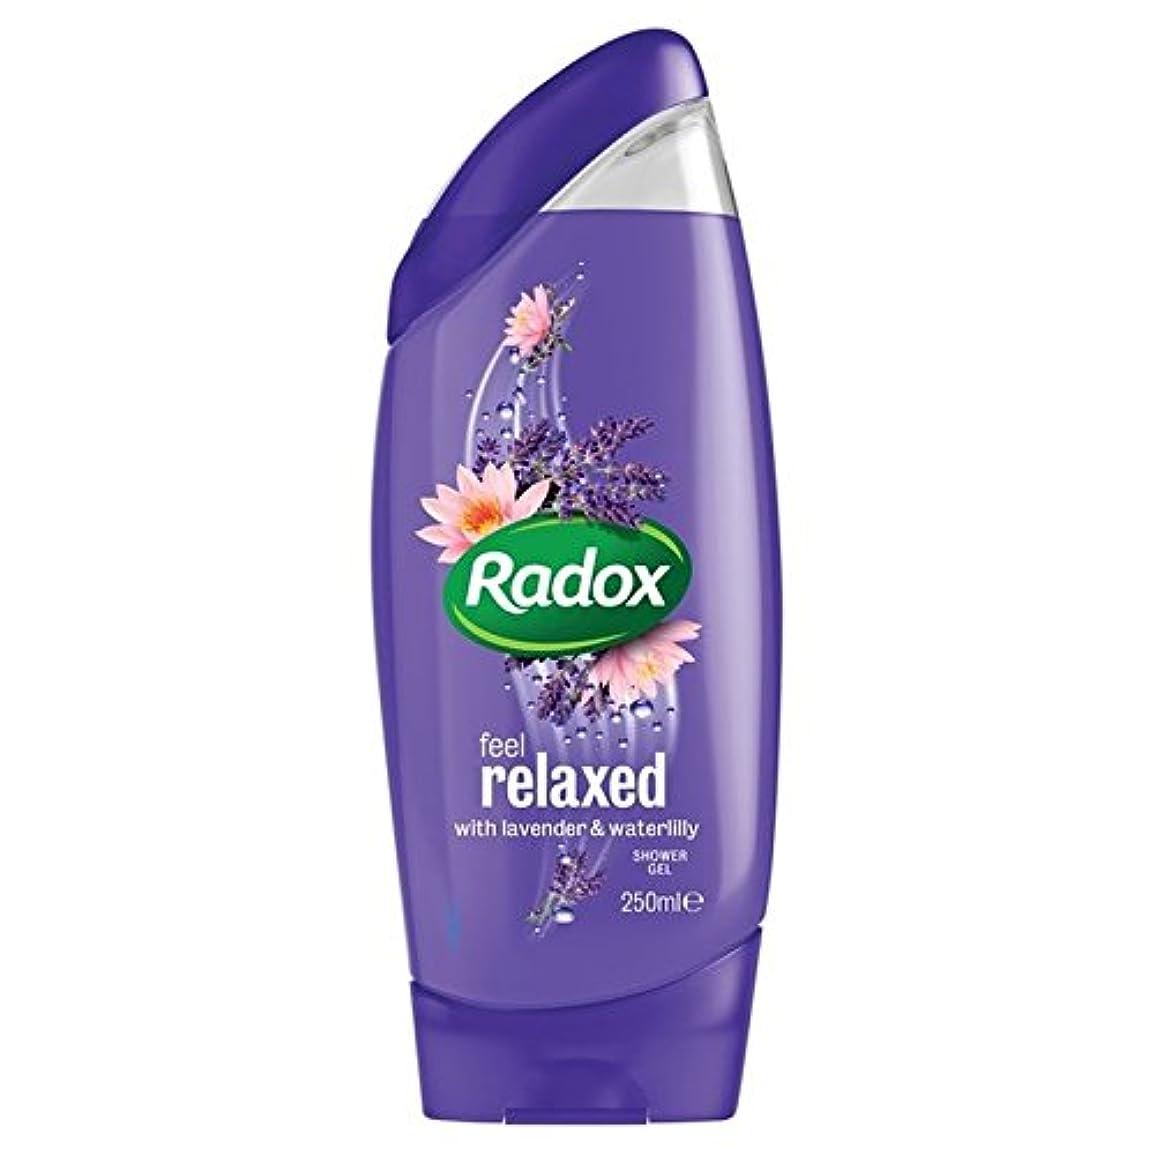 パッケージ名詞醜いはリラックスシャワージェル250ミリリットルを感じます x4 - Radox Feel Relaxed Shower Gel 250ml (Pack of 4) [並行輸入品]